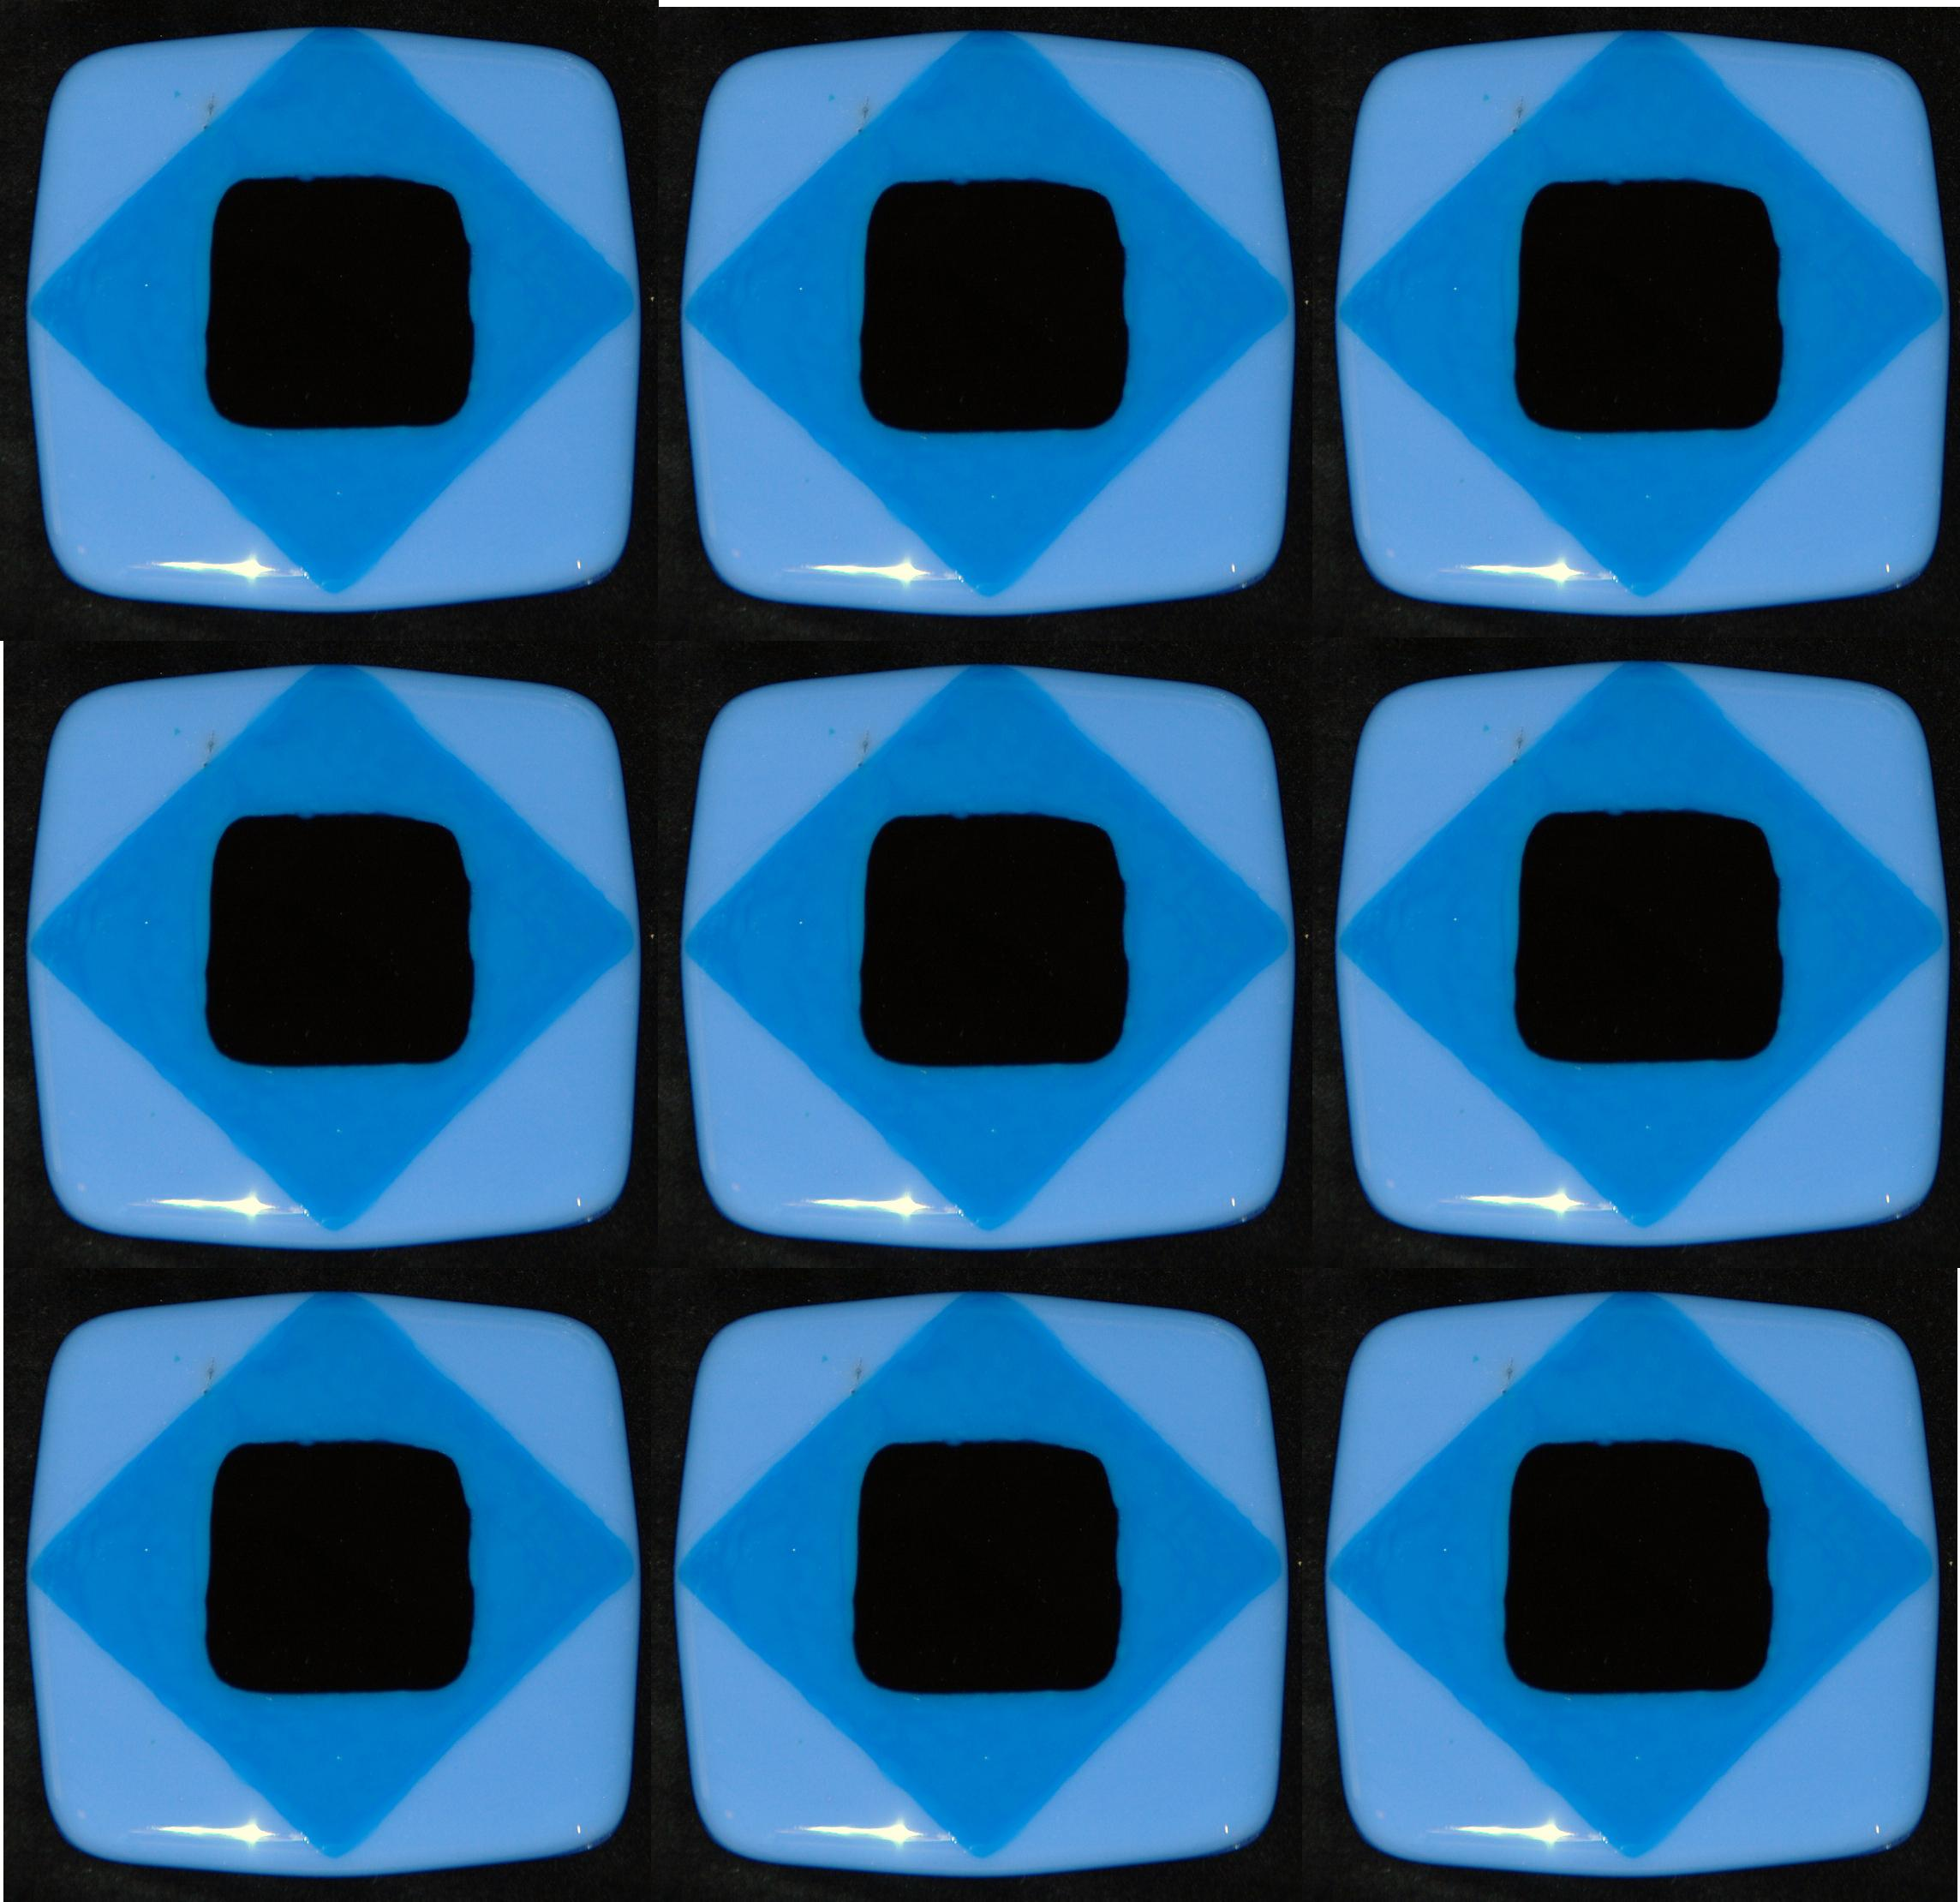 peri on black tiles.jpg